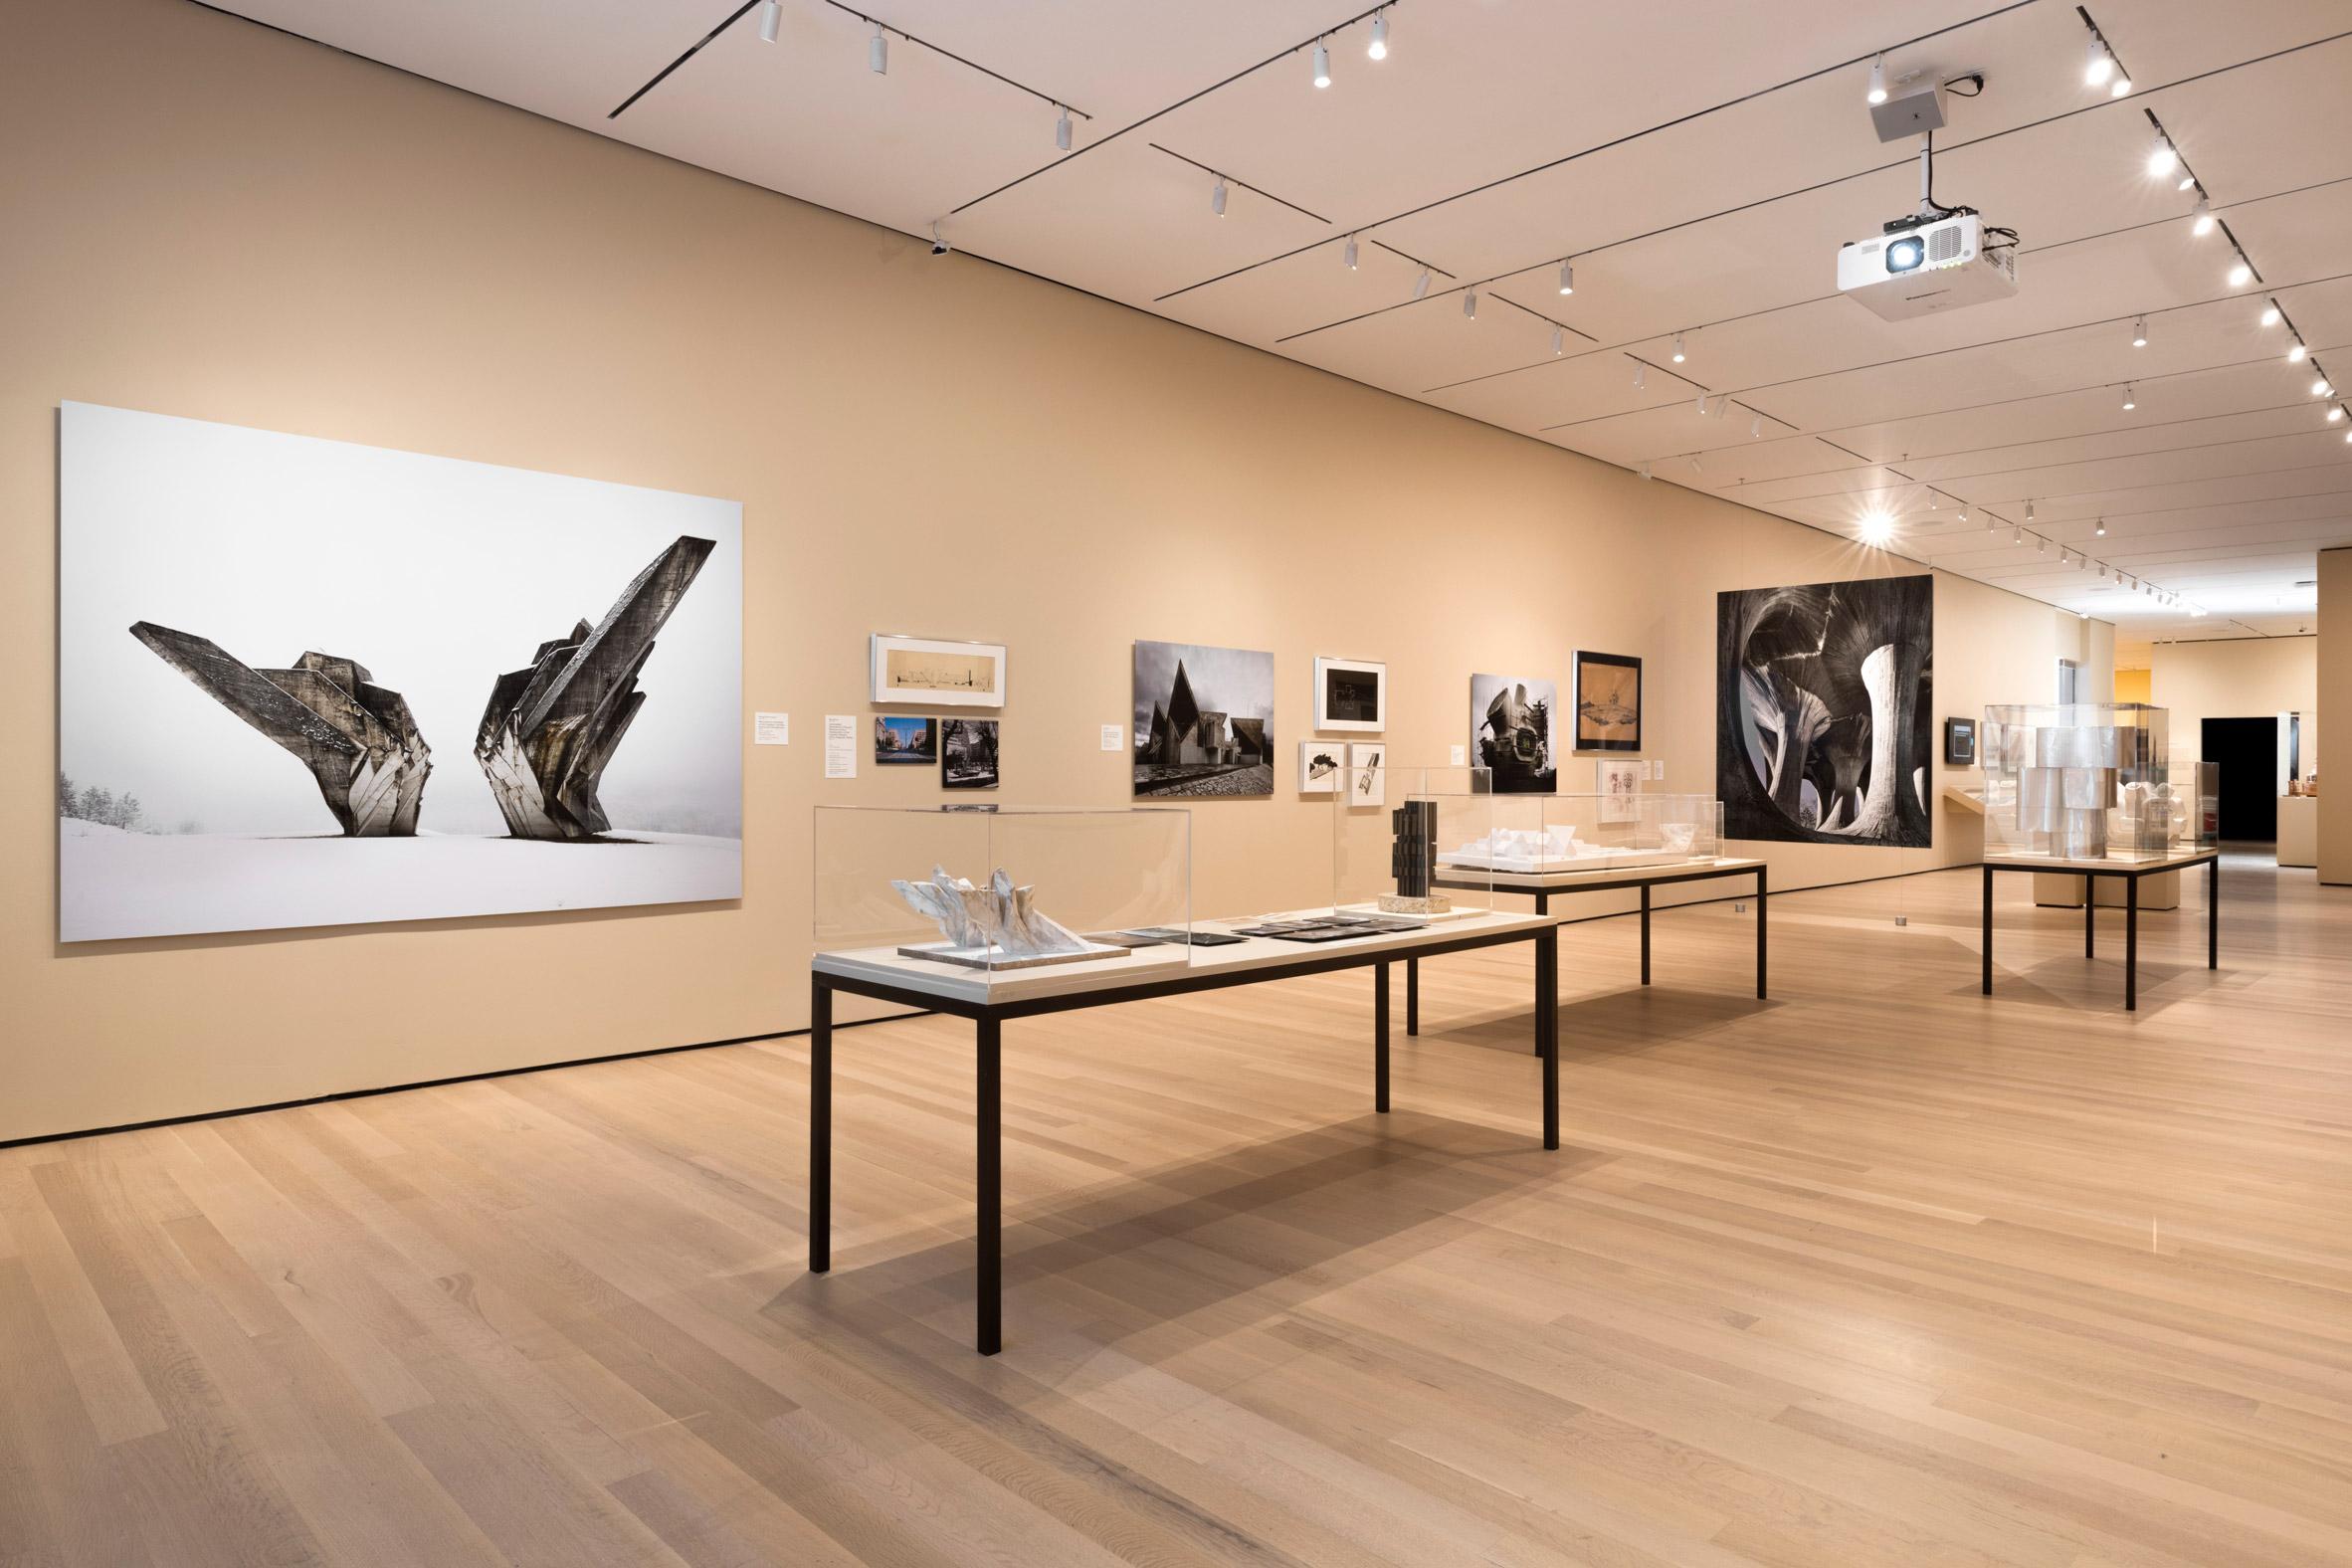 2617772c4cc69 MoMA's Toward a Concrete Utopia exhibition presents the architecture ...